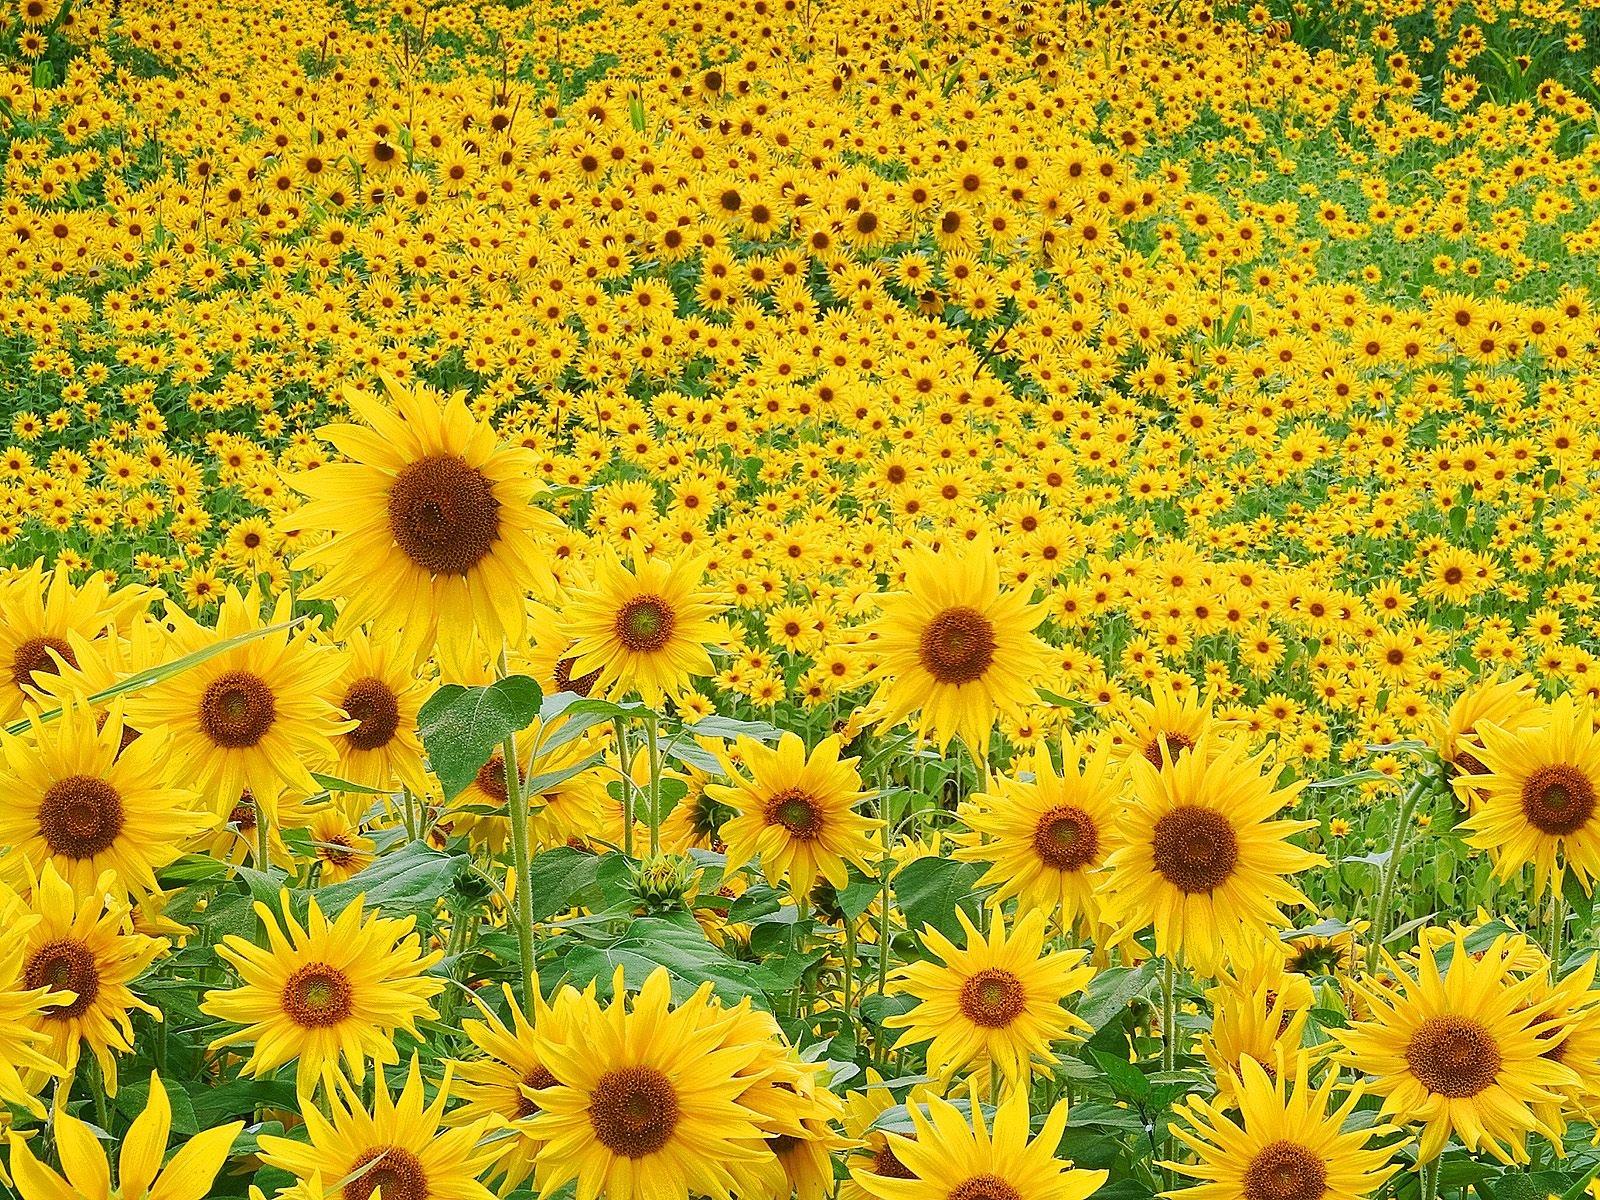 http://1.bp.blogspot.com/-4FefbEJj8XY/TnHUrF-X-PI/AAAAAAAABVk/h7Sd14a0oCU/s1600/1000s+Sun+Flowe.jpg